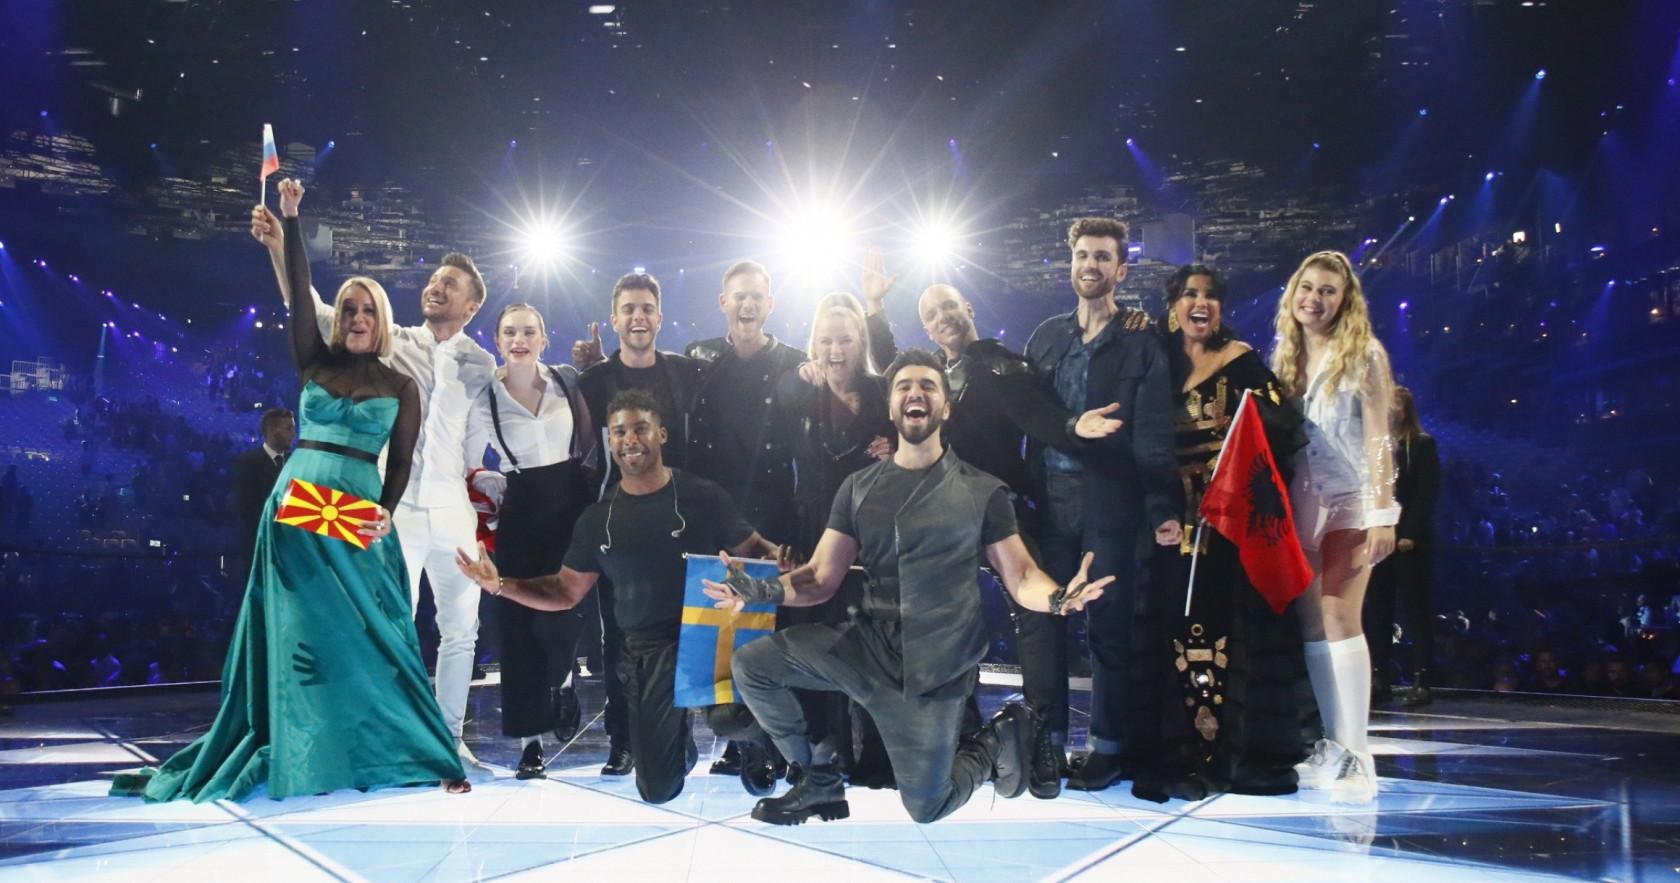 Die 10 Sieger des zweiten Semifinales | Foto: Andres Putting / EBU